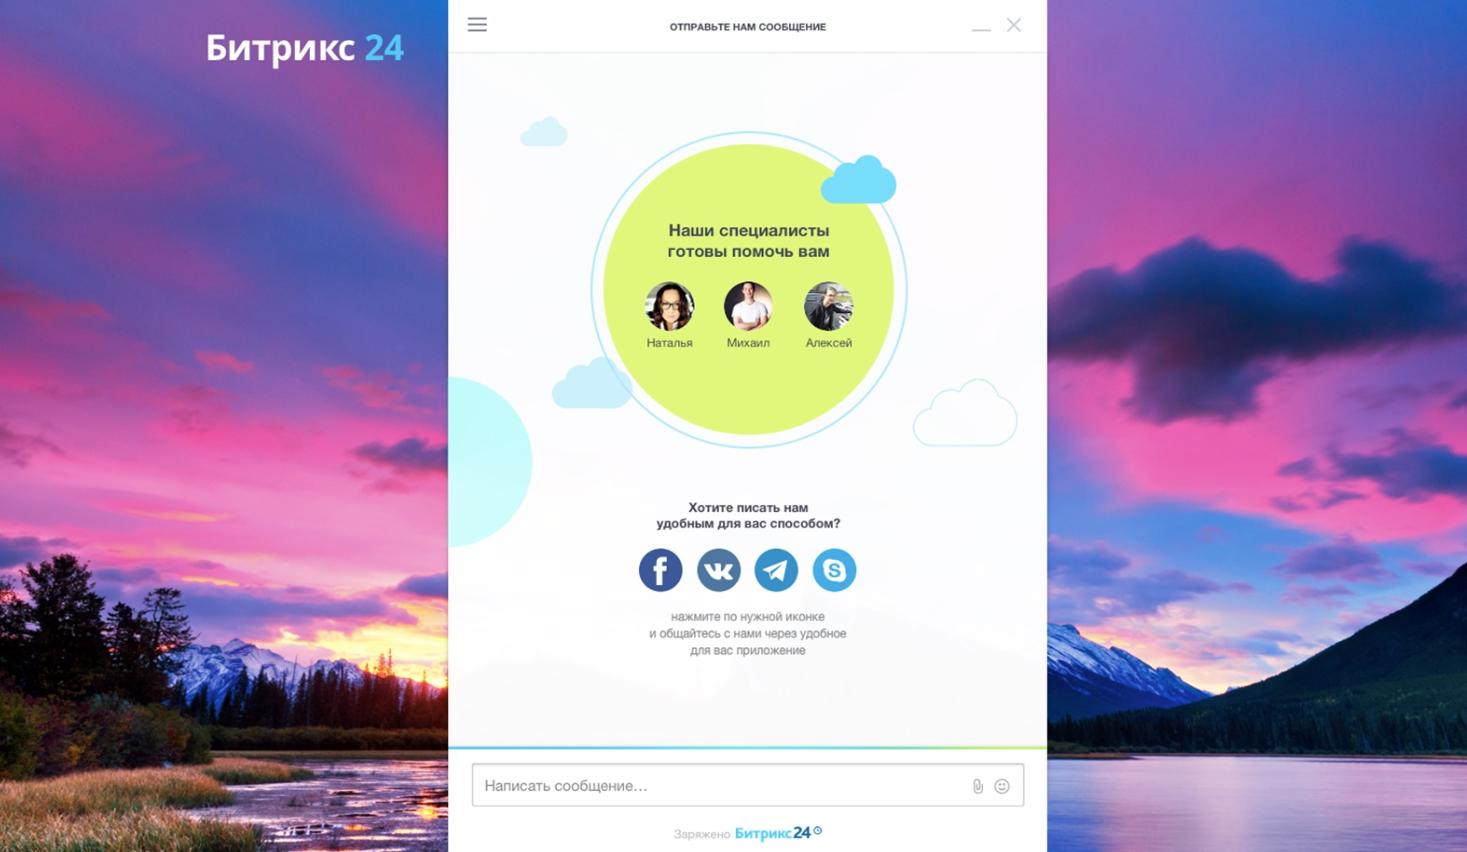 Технологии для работы с клиентами в социальных сетях и мессенджерах - 12